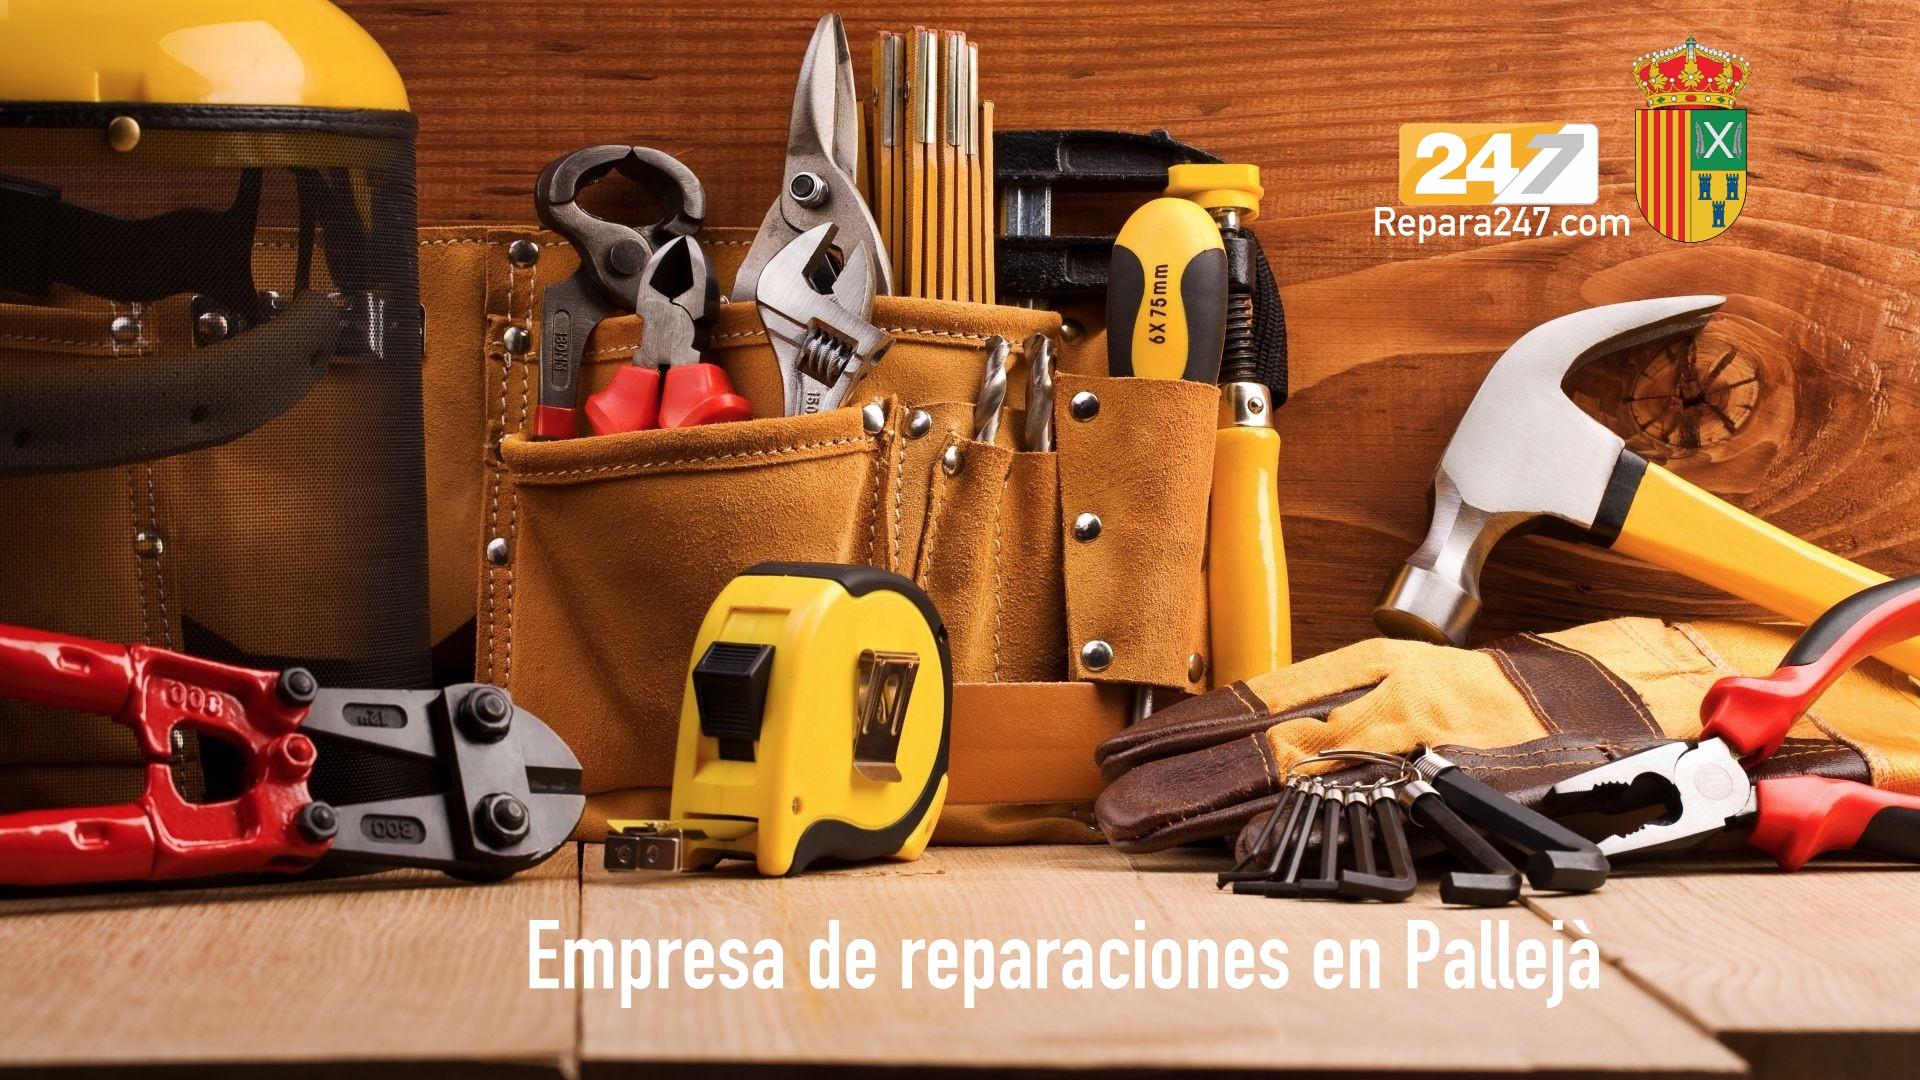 Empresa de reparaciones en Pallejà